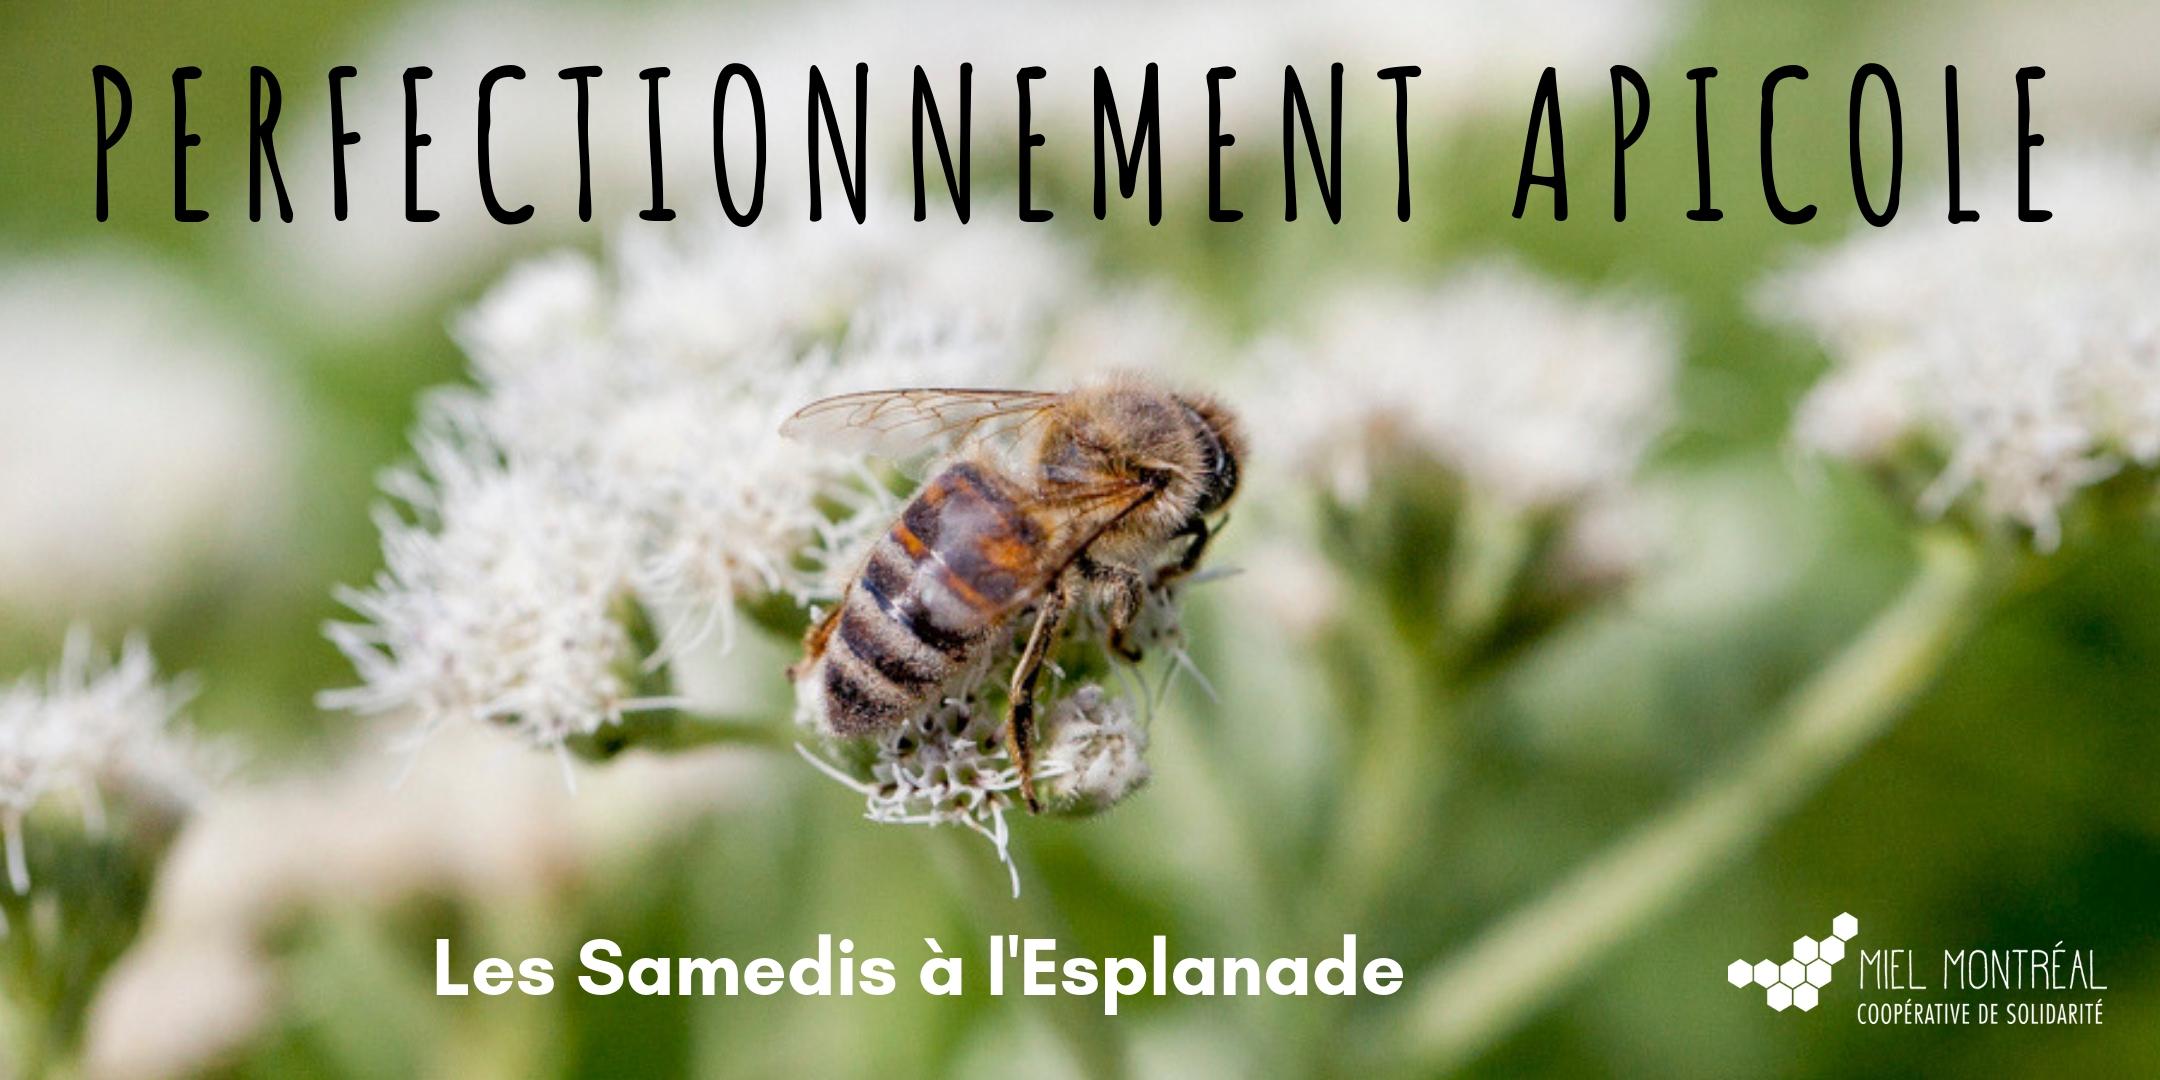 Ateliers, perfectionnement apicole, perfectionnement connaissances apiculture, niveau avancé, apiculteur expert, techniques apicoles alternatives, biodiversité